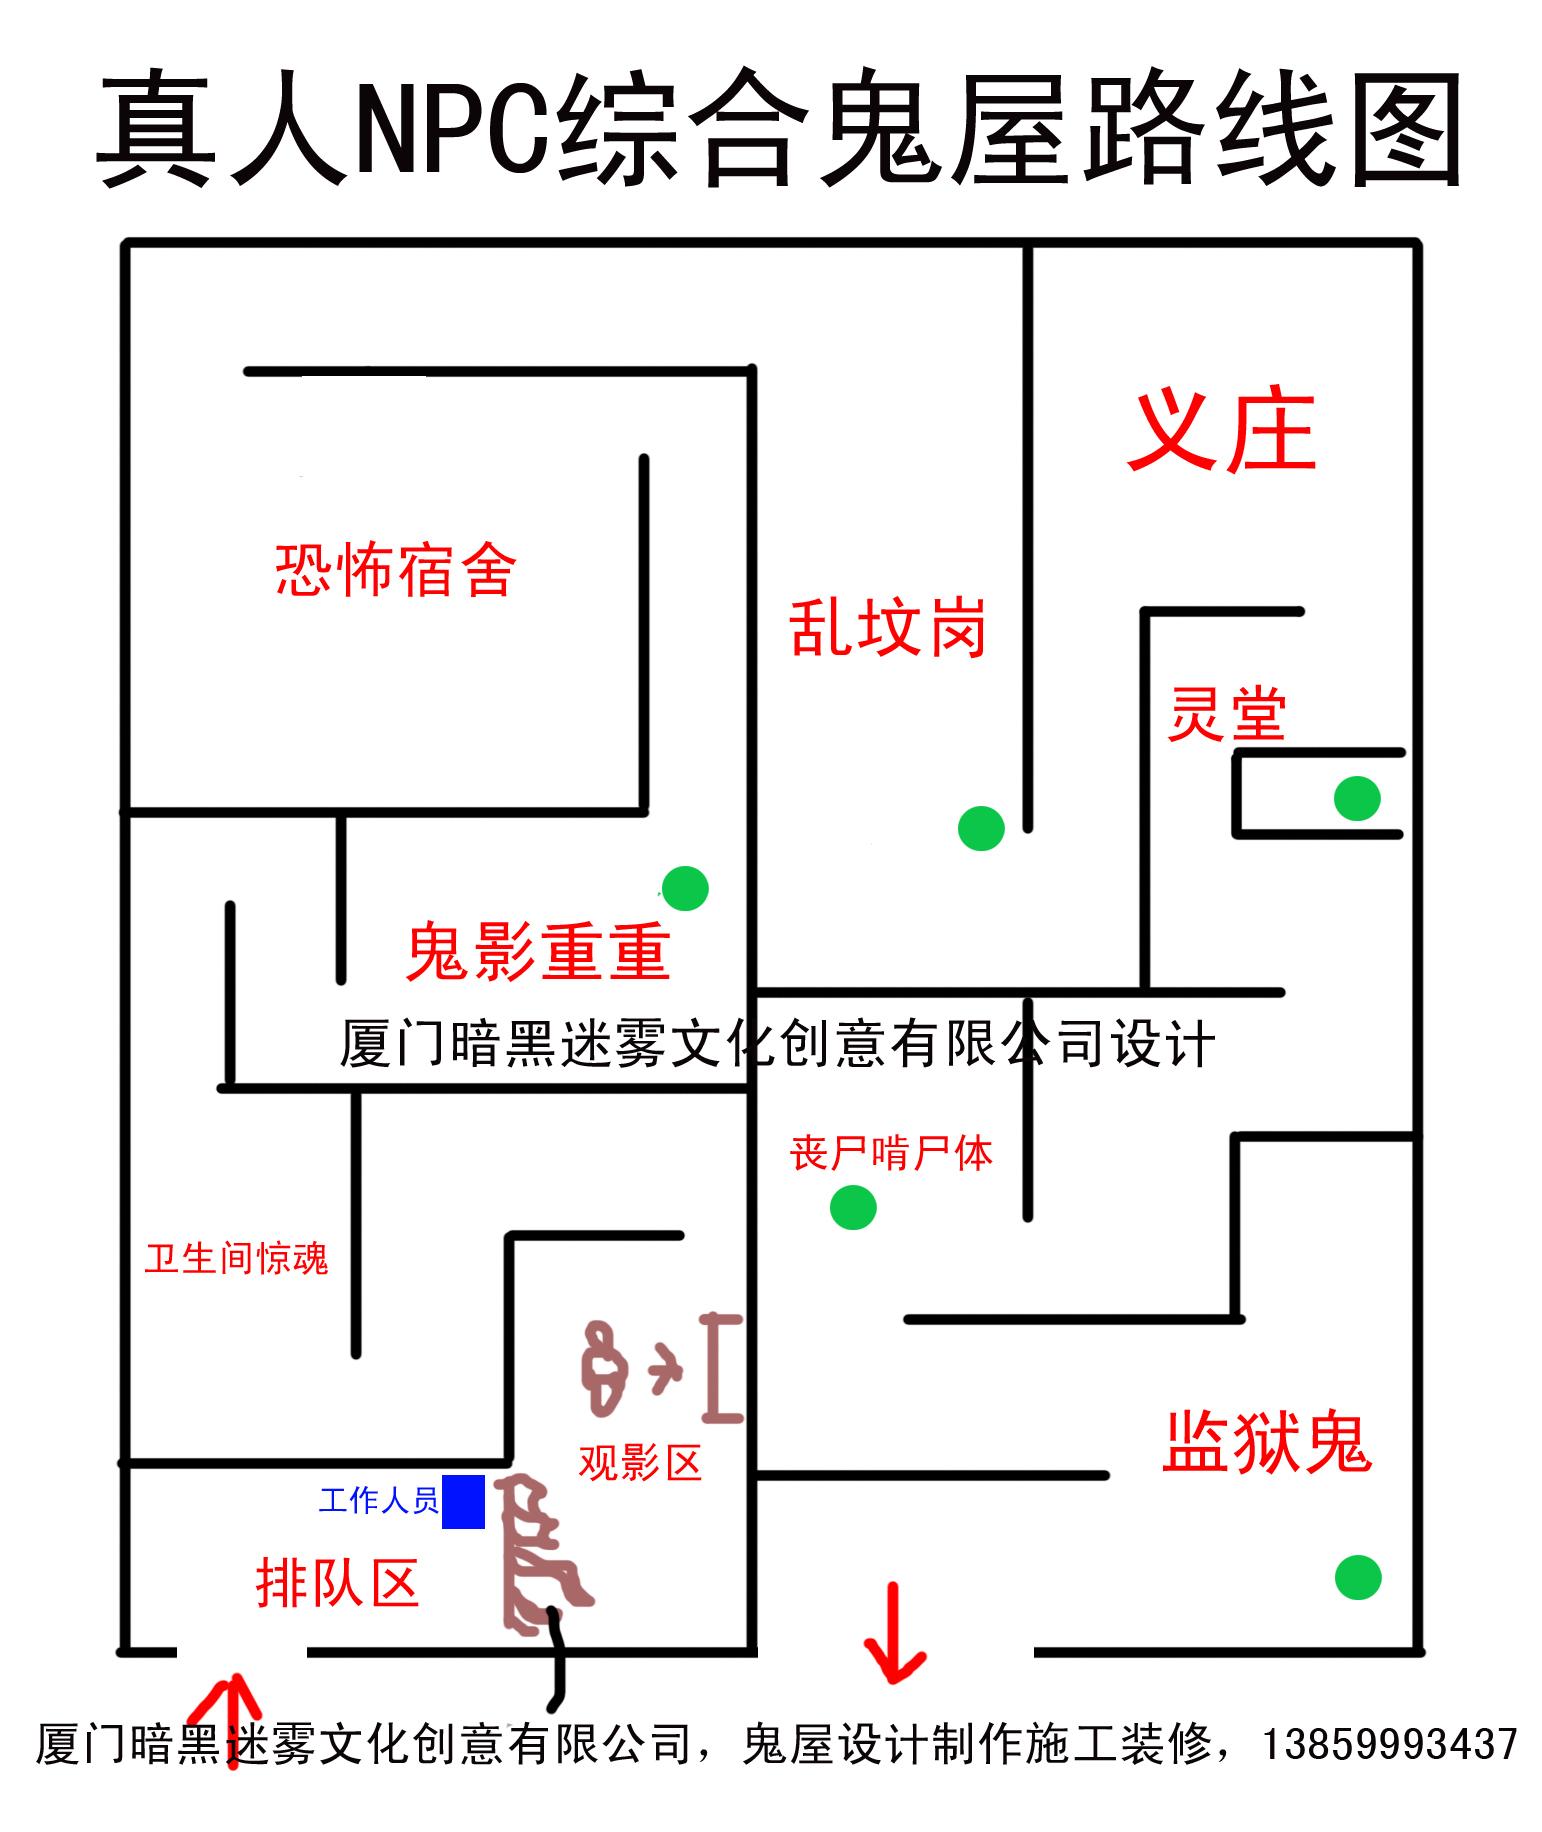 真人NPC鬼屋路线图布置图布局图设计图13859993437